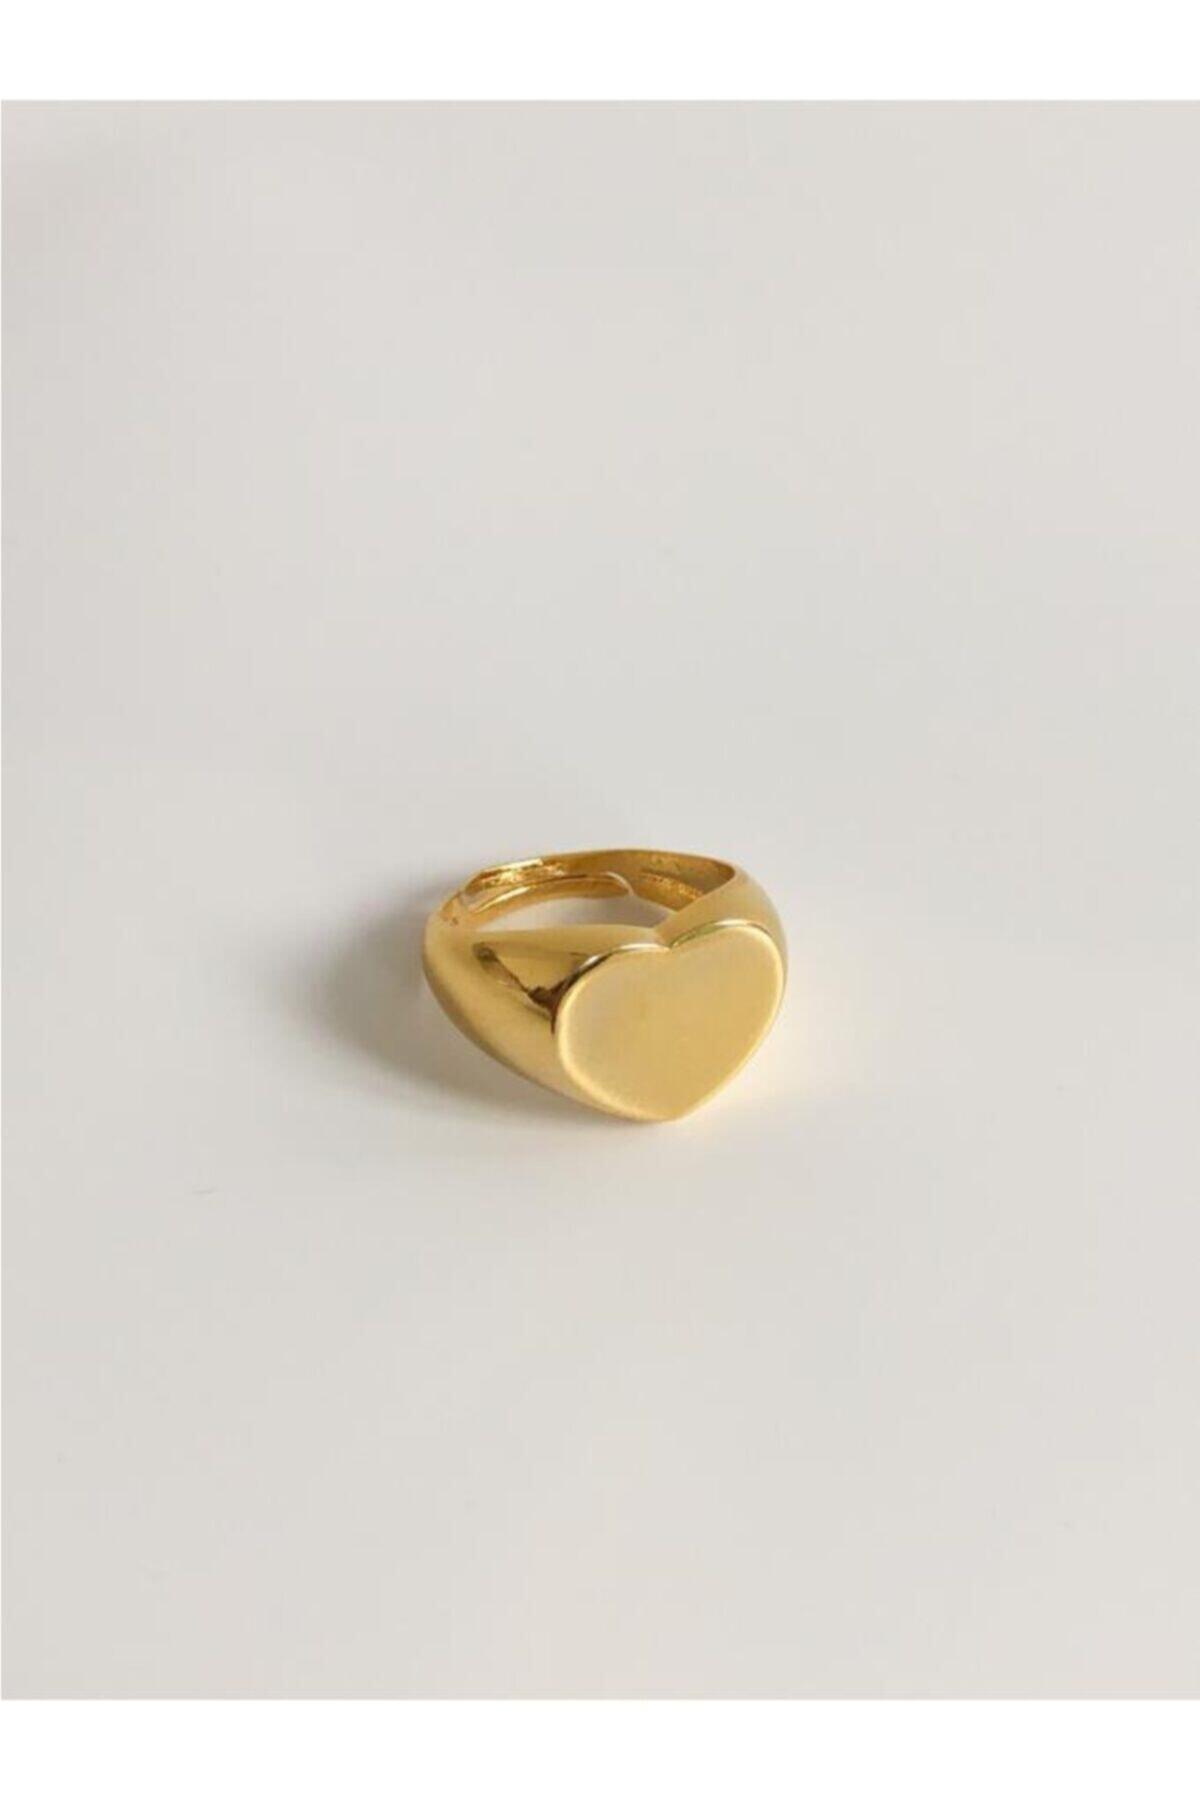 The Y Jewelry Kadın Altın Kalpli Plaka Yüzük 1